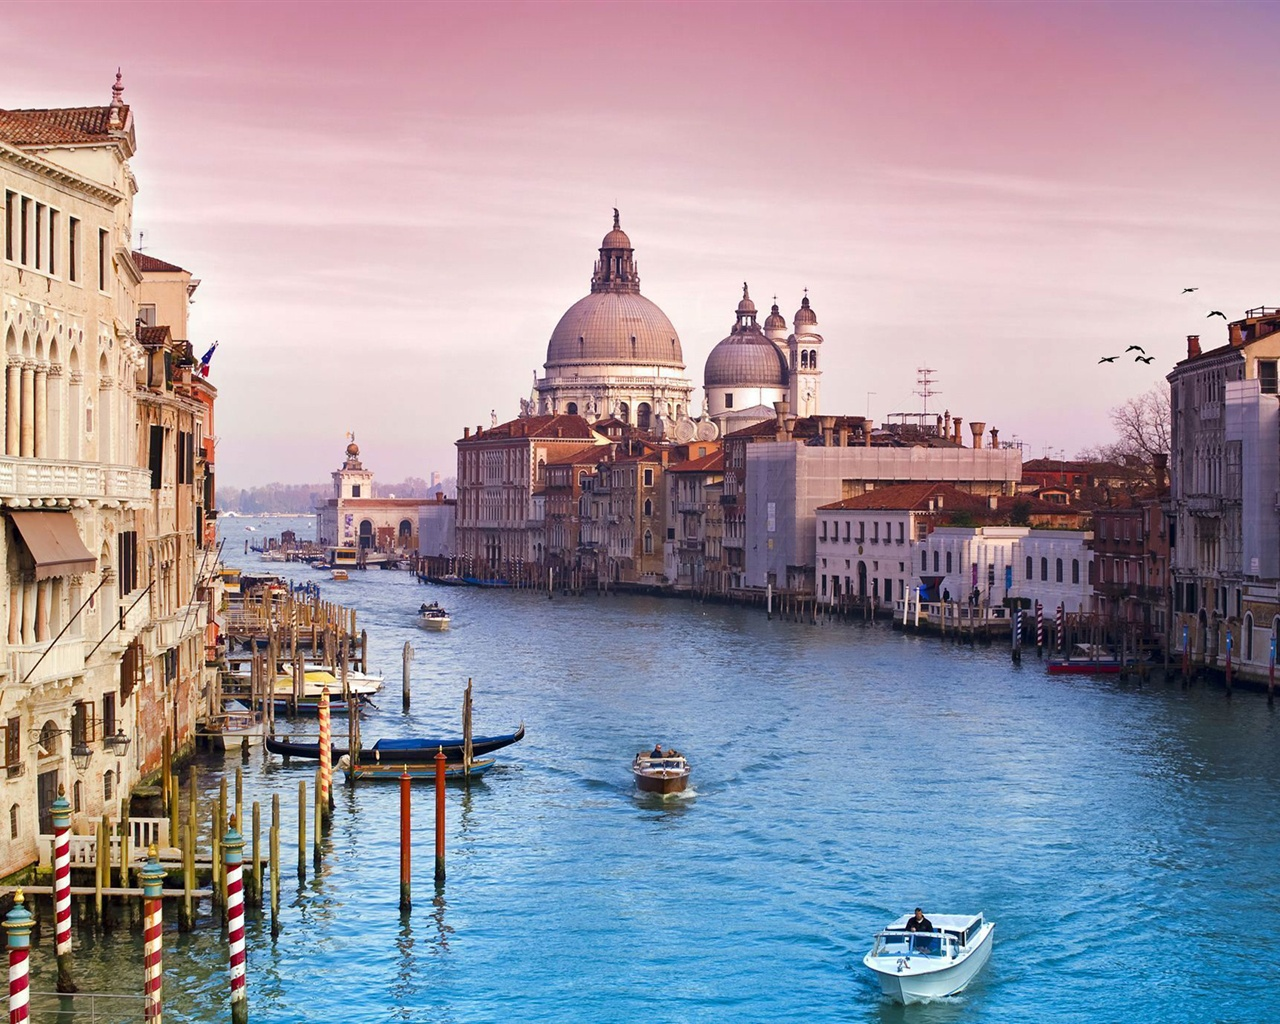 ヴェネツィアイタリア運河の水の都の建物 壁紙 - 1280x1024   ヴェネツィアイタリア運